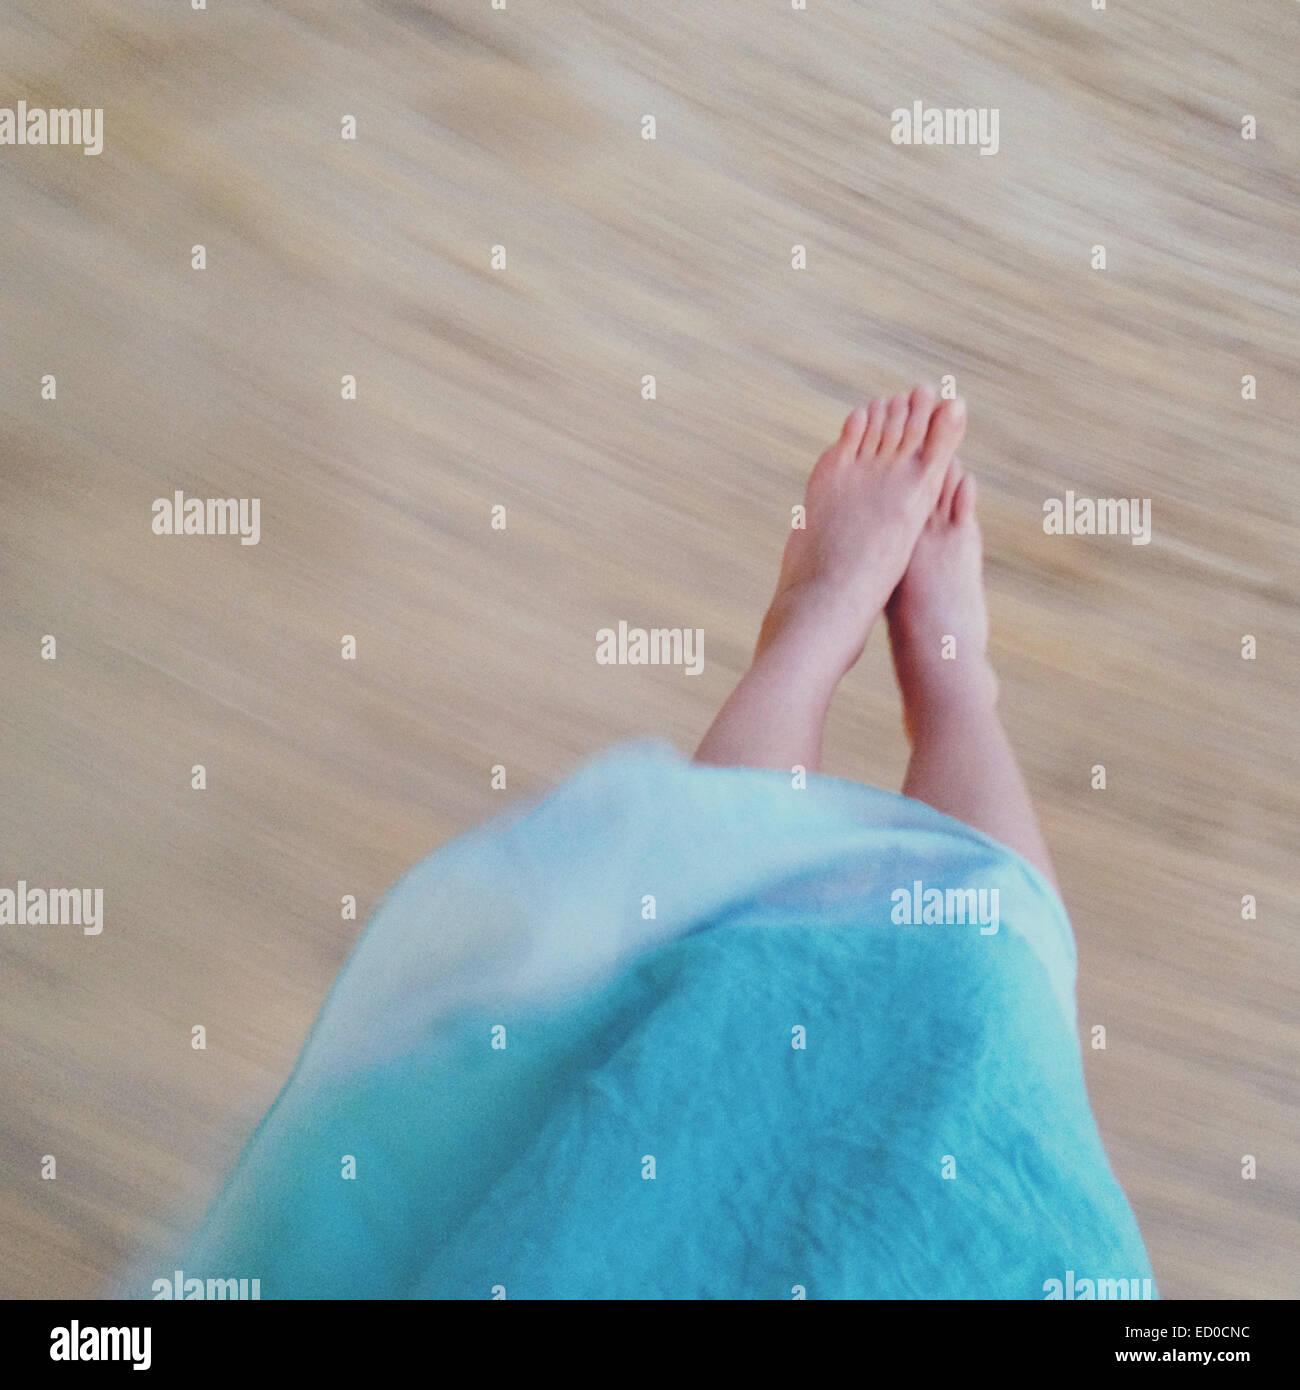 La section basse de woman on swing Photo Stock